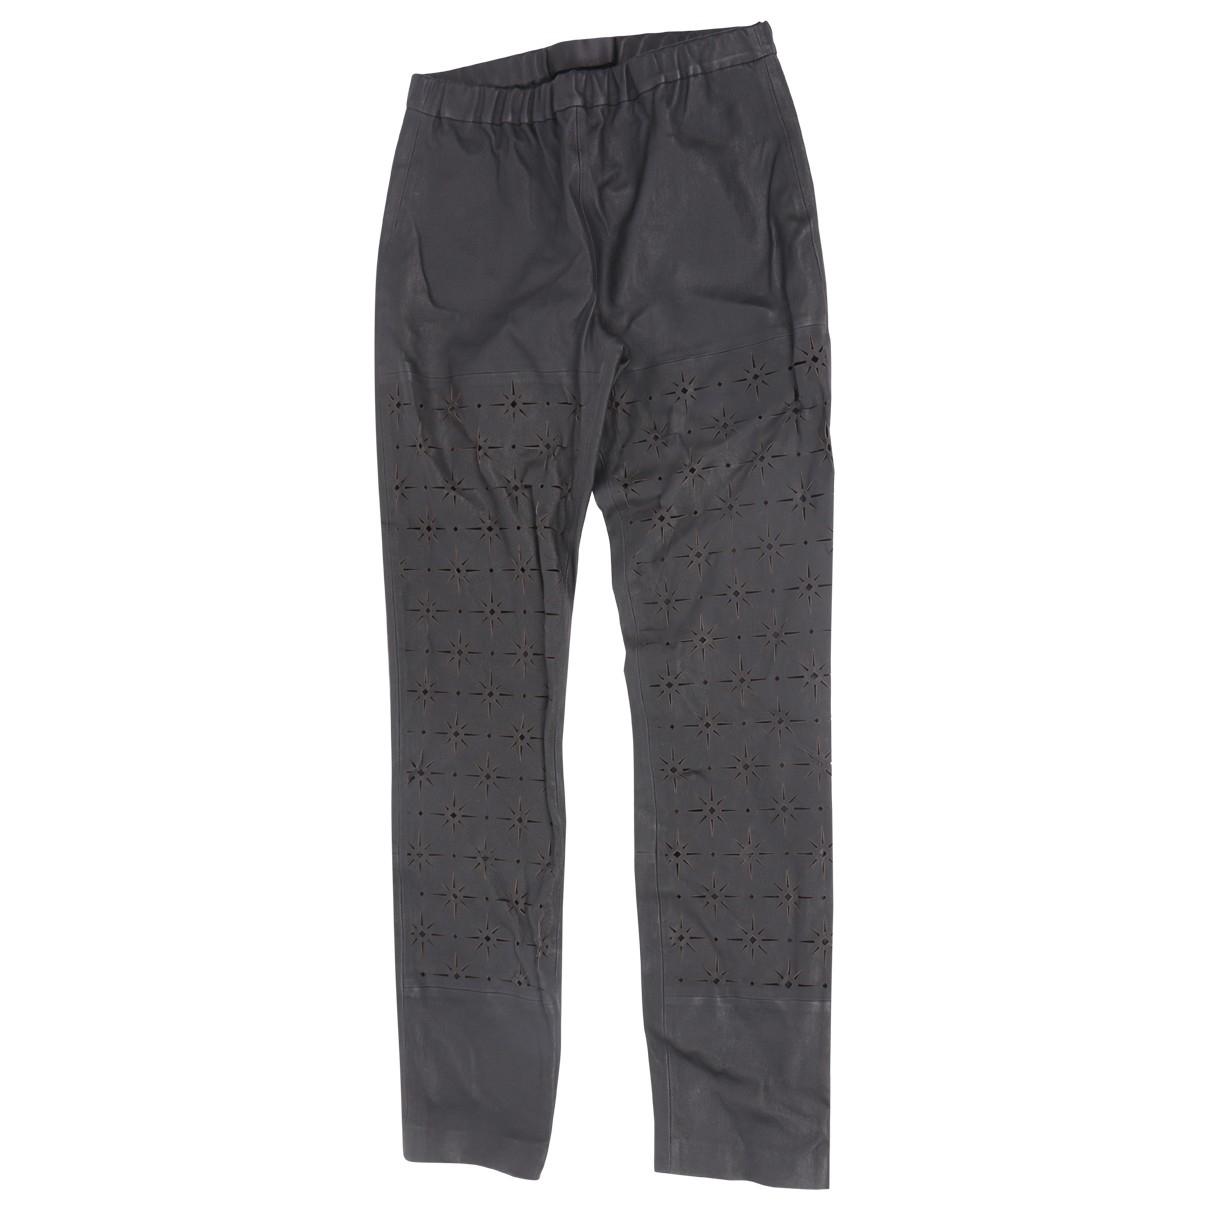 Haider Ackermann \N Black Leather Trousers for Women 40 FR